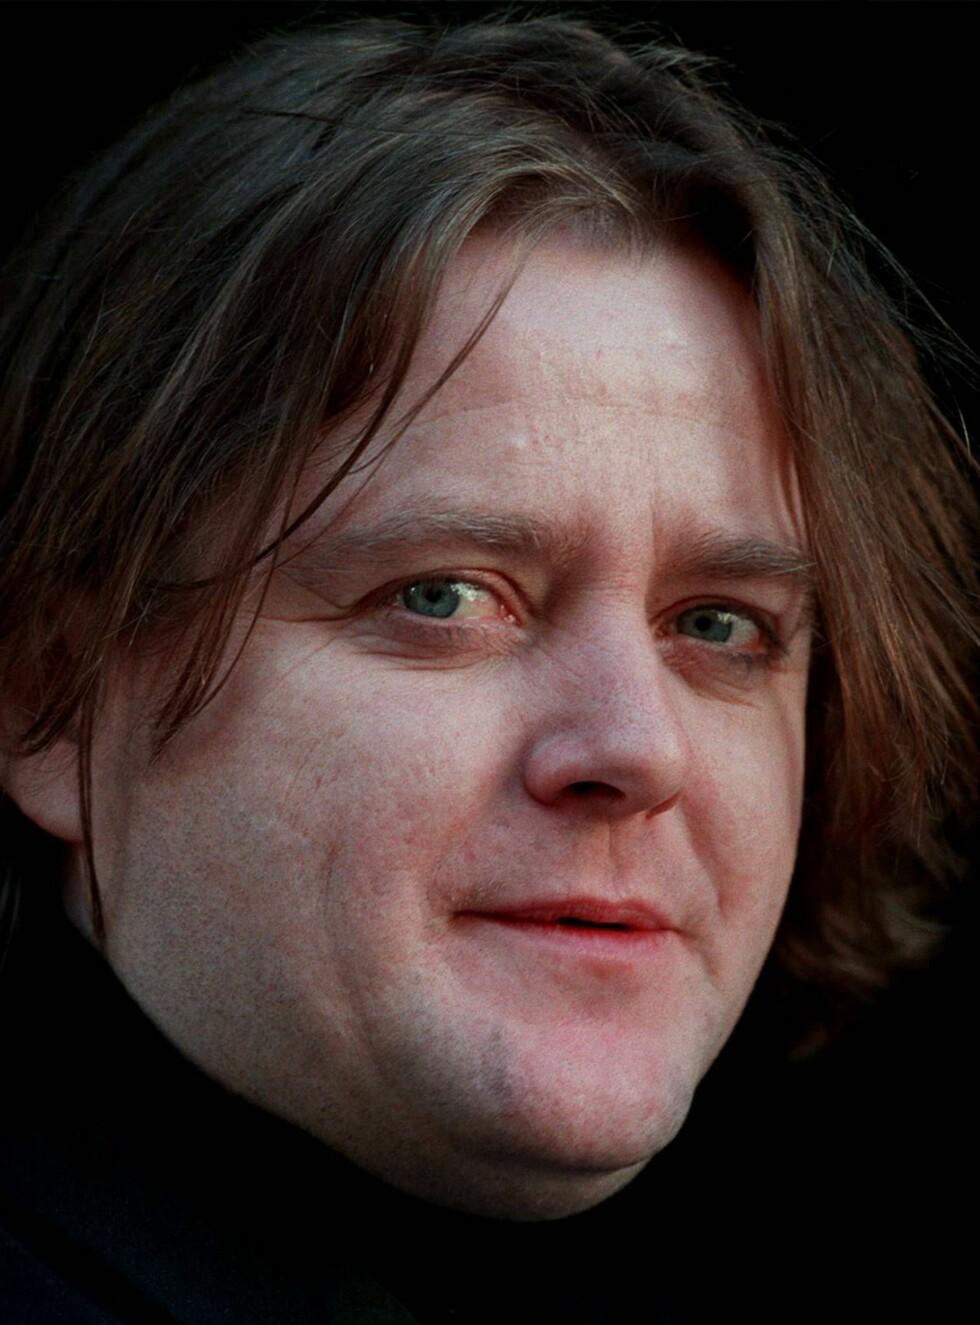 PASSES PÅ: Kenneth Sivertsen har hatt fire hjerneblødninger siden mars 2005. Foto: Scanpix